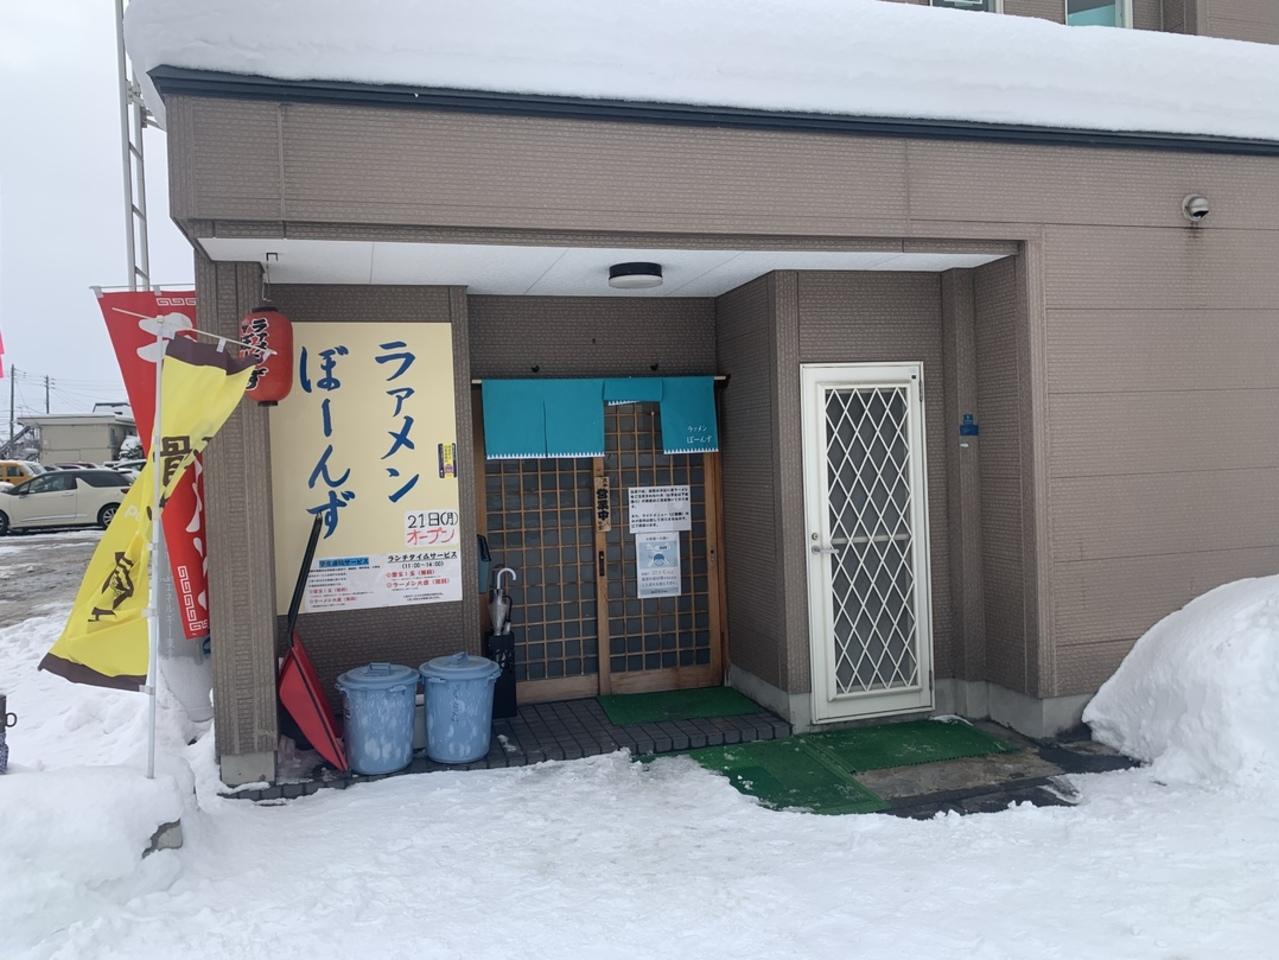 青森市 「ラァメンぼーんず」 20.12.21サンロード青森西側駐車場向かいに移転オープンしました!